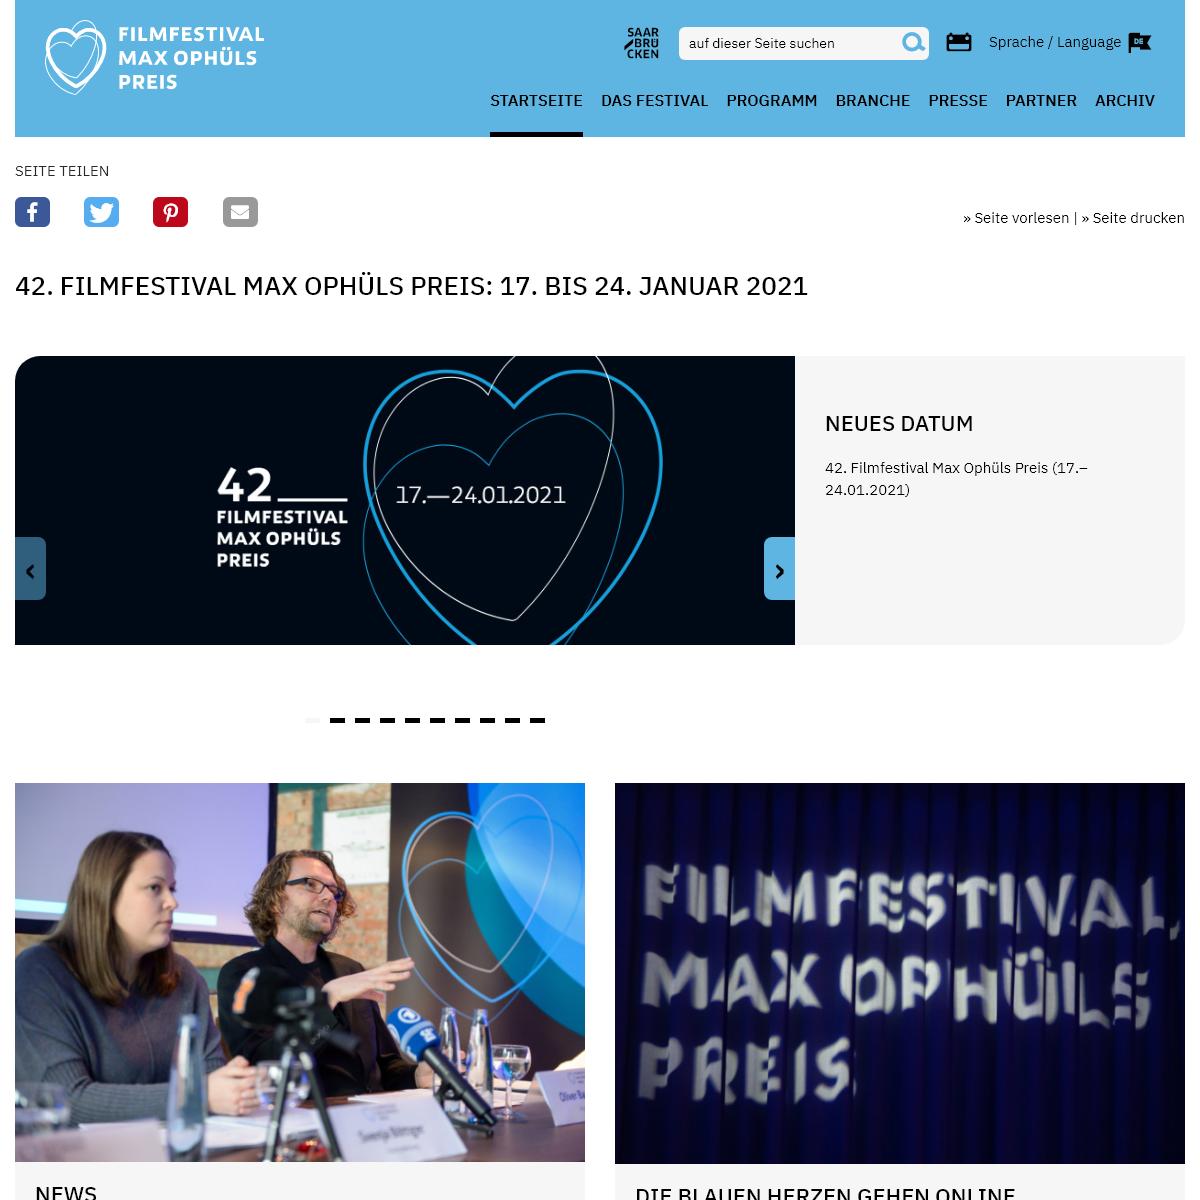 Startseite -Filmfestival Max Ophüls Preis